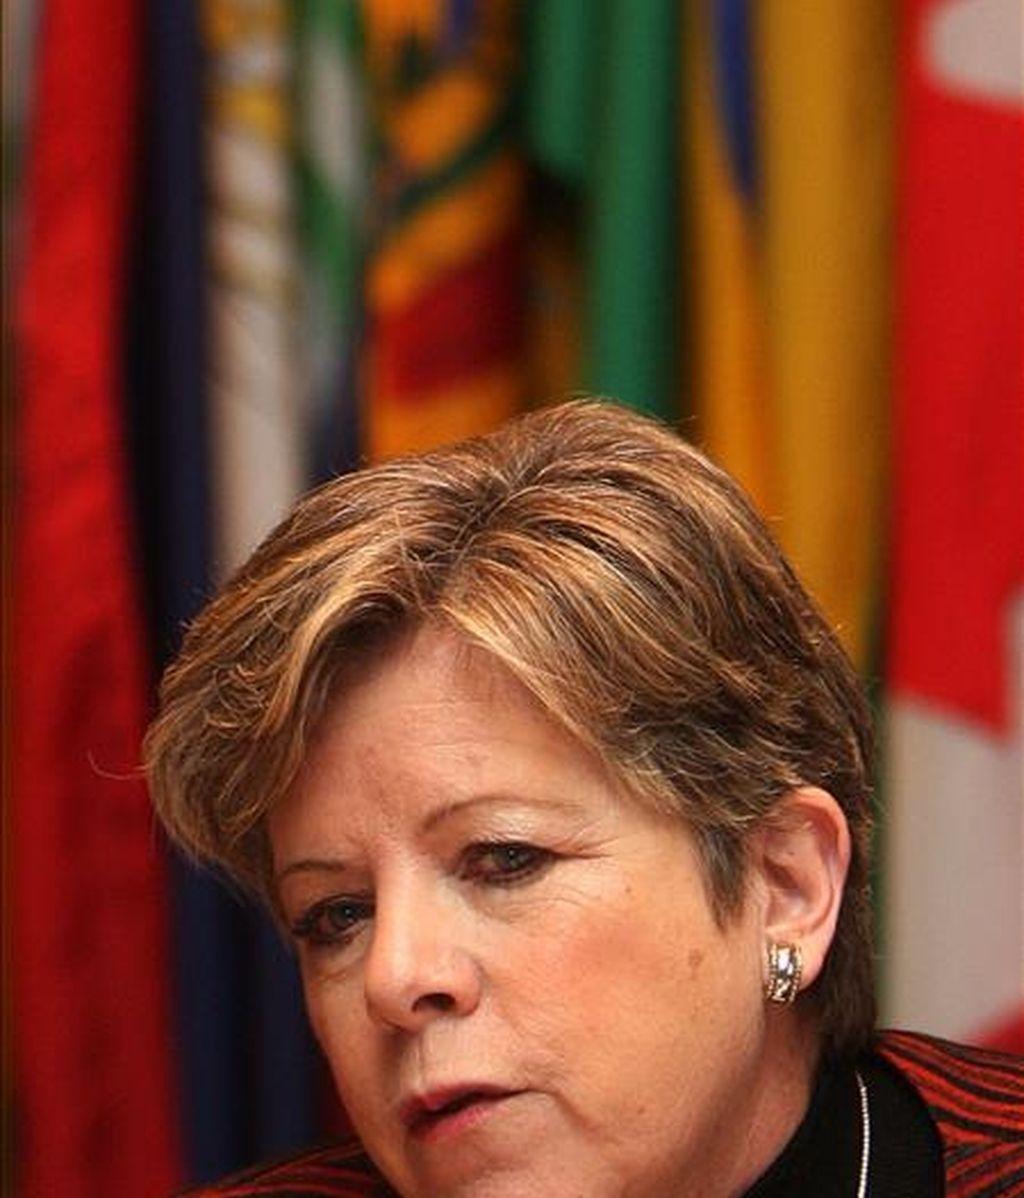 """La titular de la CEPAL, Alicia Bárcena, entregó un informe elaborado por el organismo, que bajo el título de """"La hora de la igualdad. Brechas por cerrar, caminos por abrir"""" insta a los países de América Latina a """"repensar"""" su modelo de desarrollo. EFE/Archivo"""